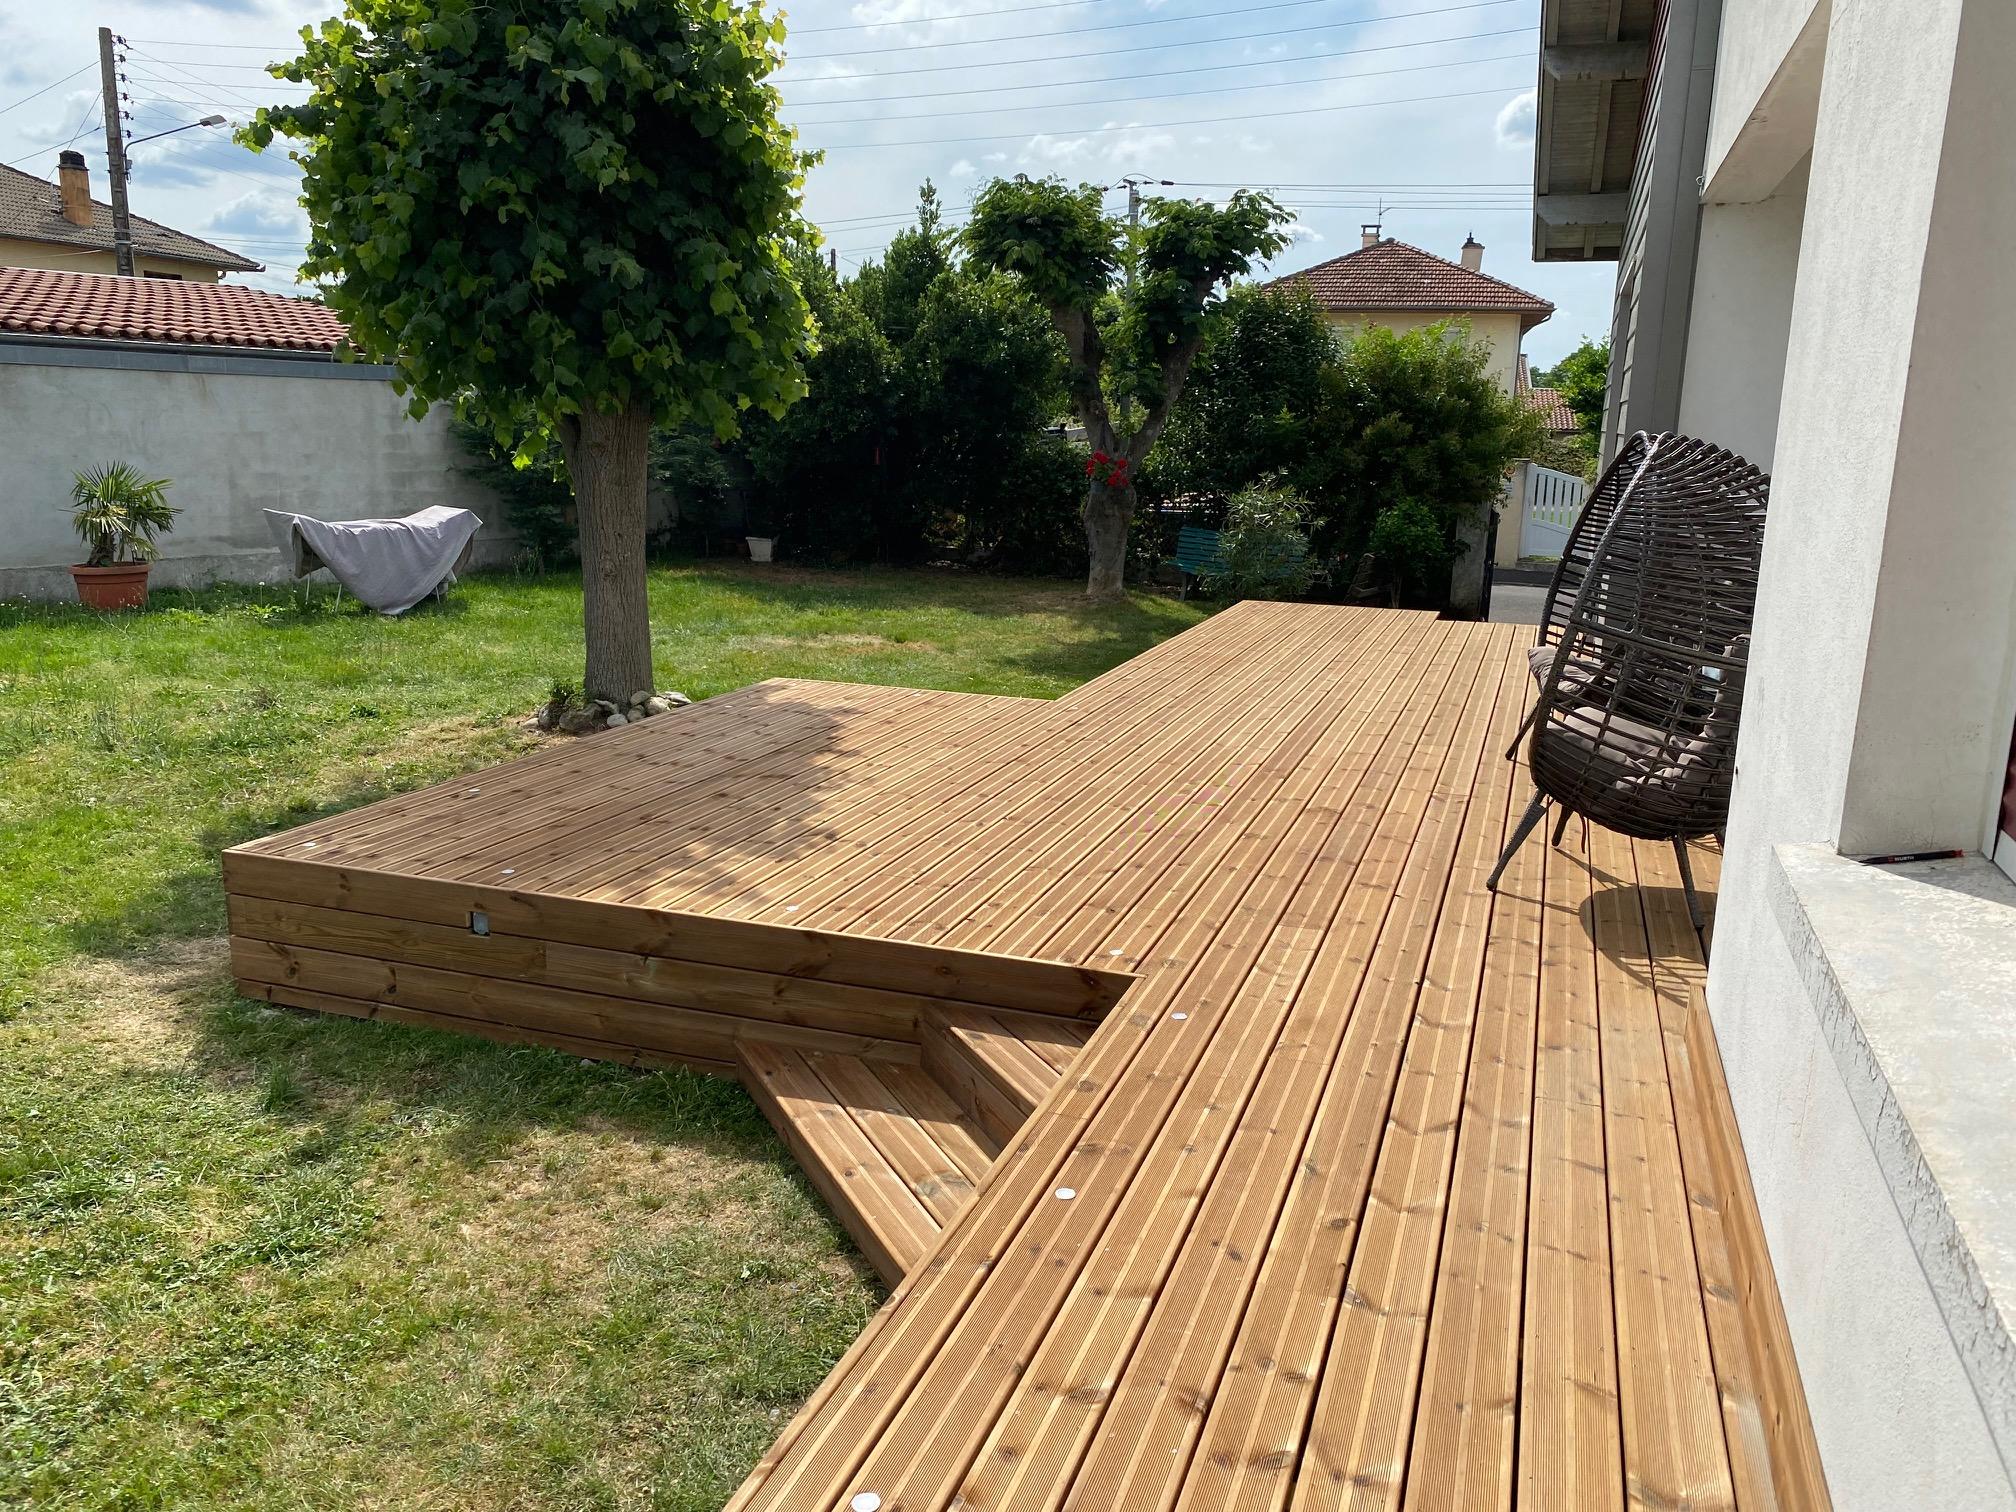 Terrasse bois Bours_Yoan Naturel sarl